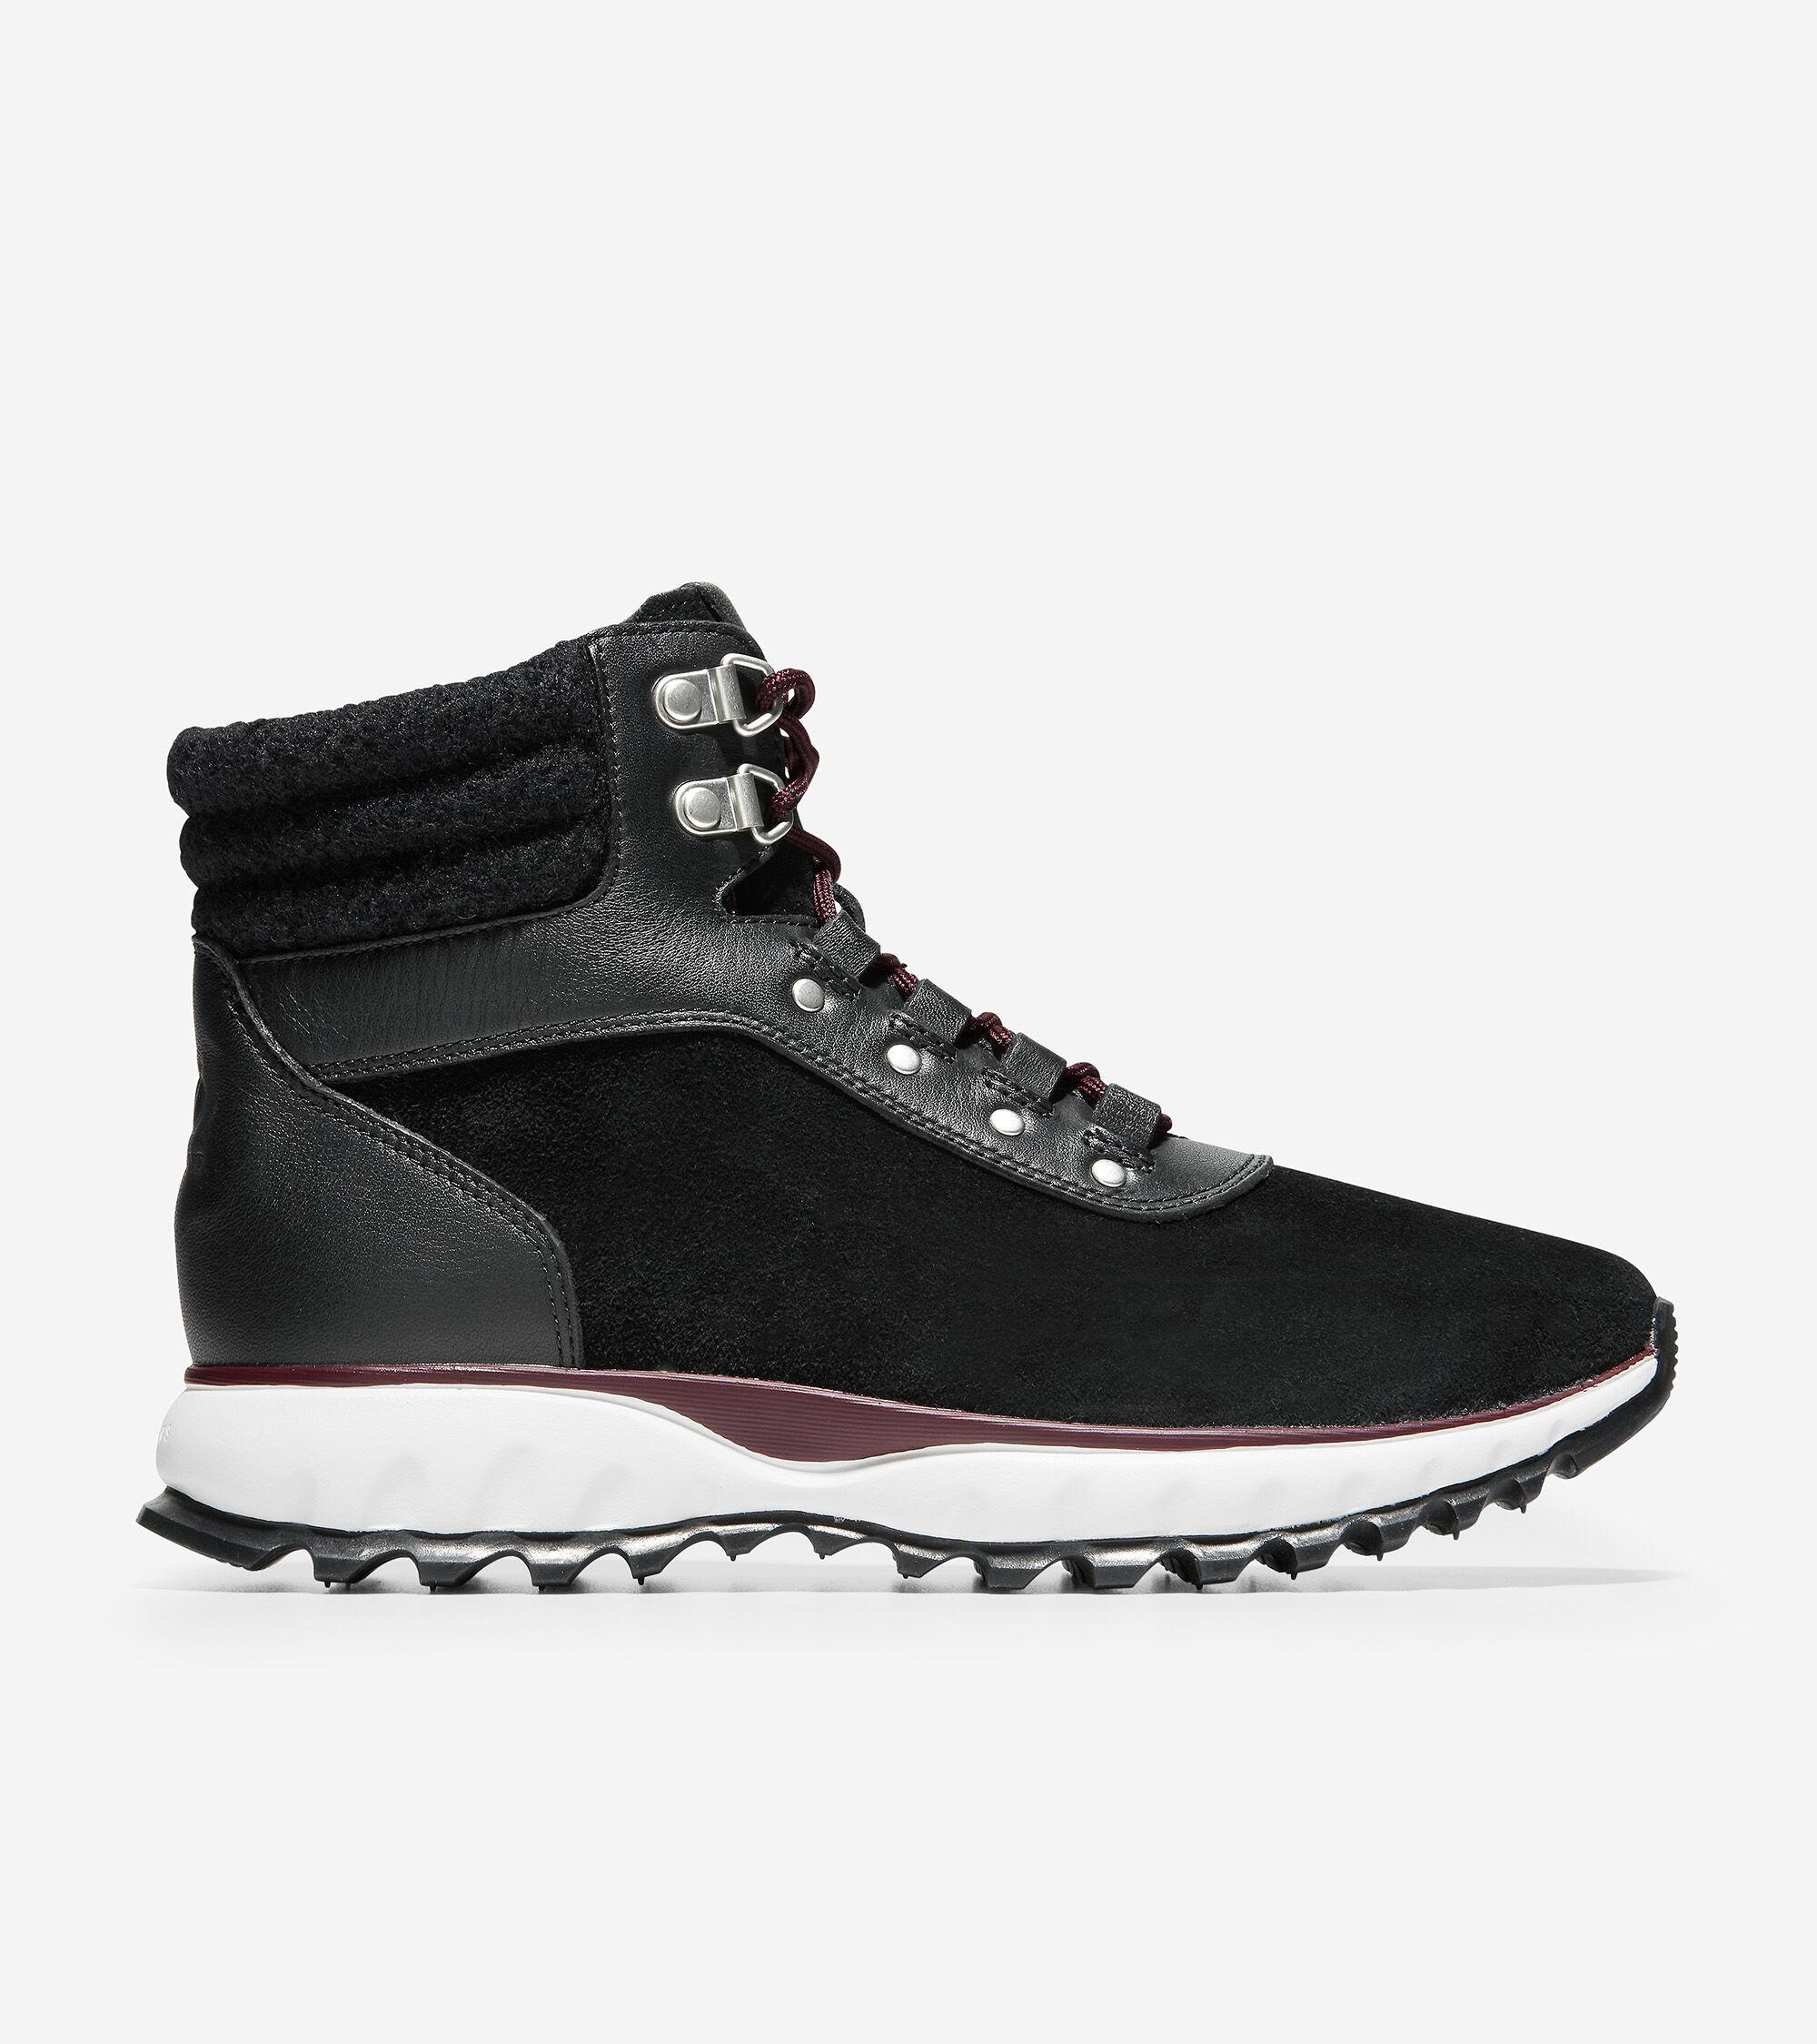 XC Hiker Boot in Black Suede